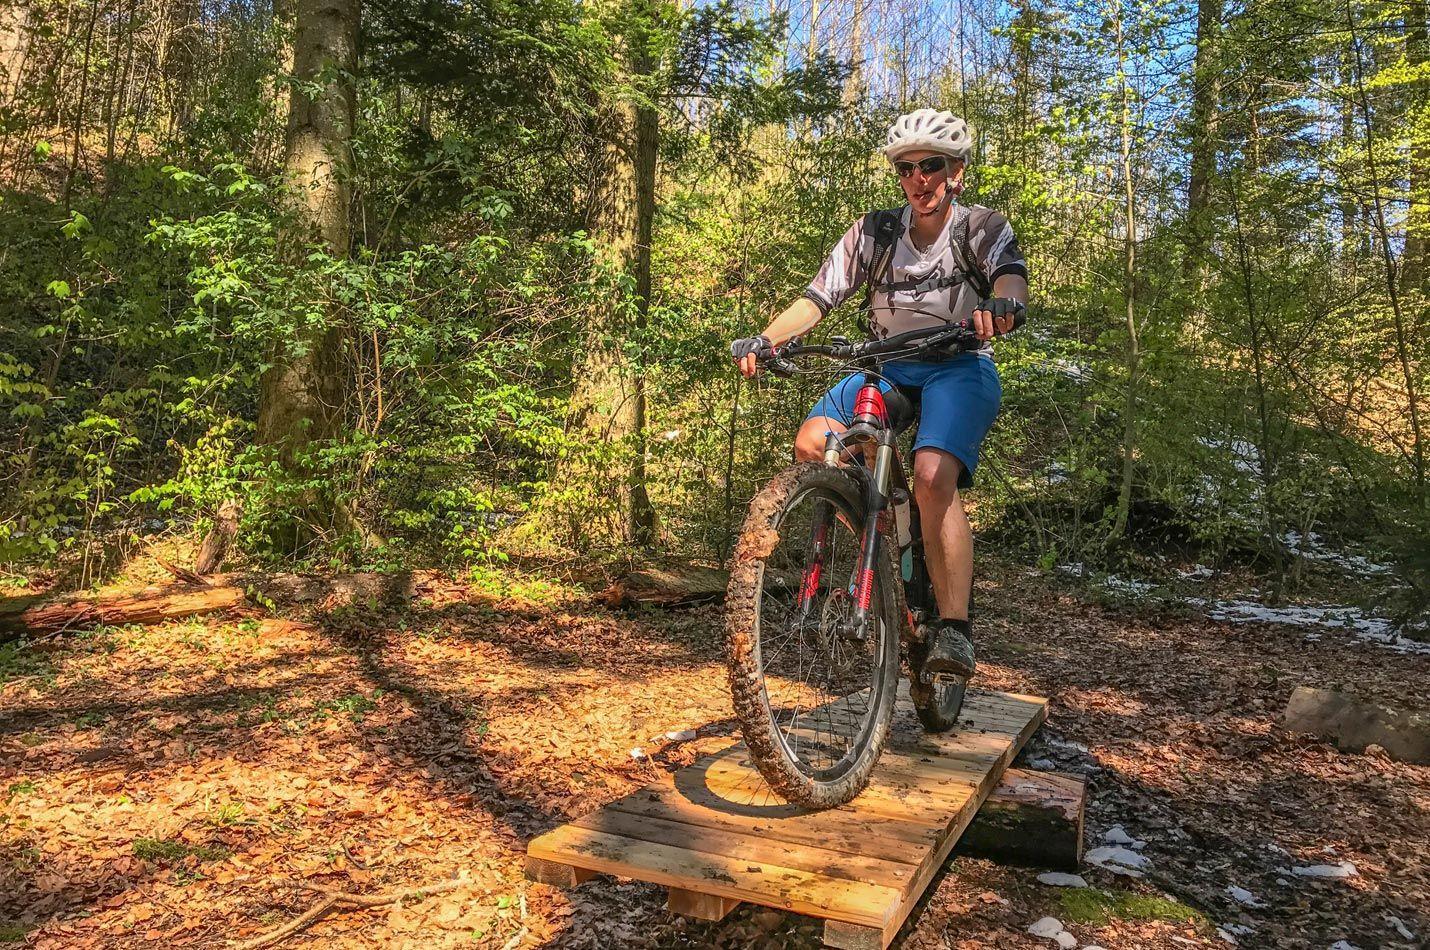 Biketechnik Kurs im Wald mit einer Bikerin auf einer Wippe